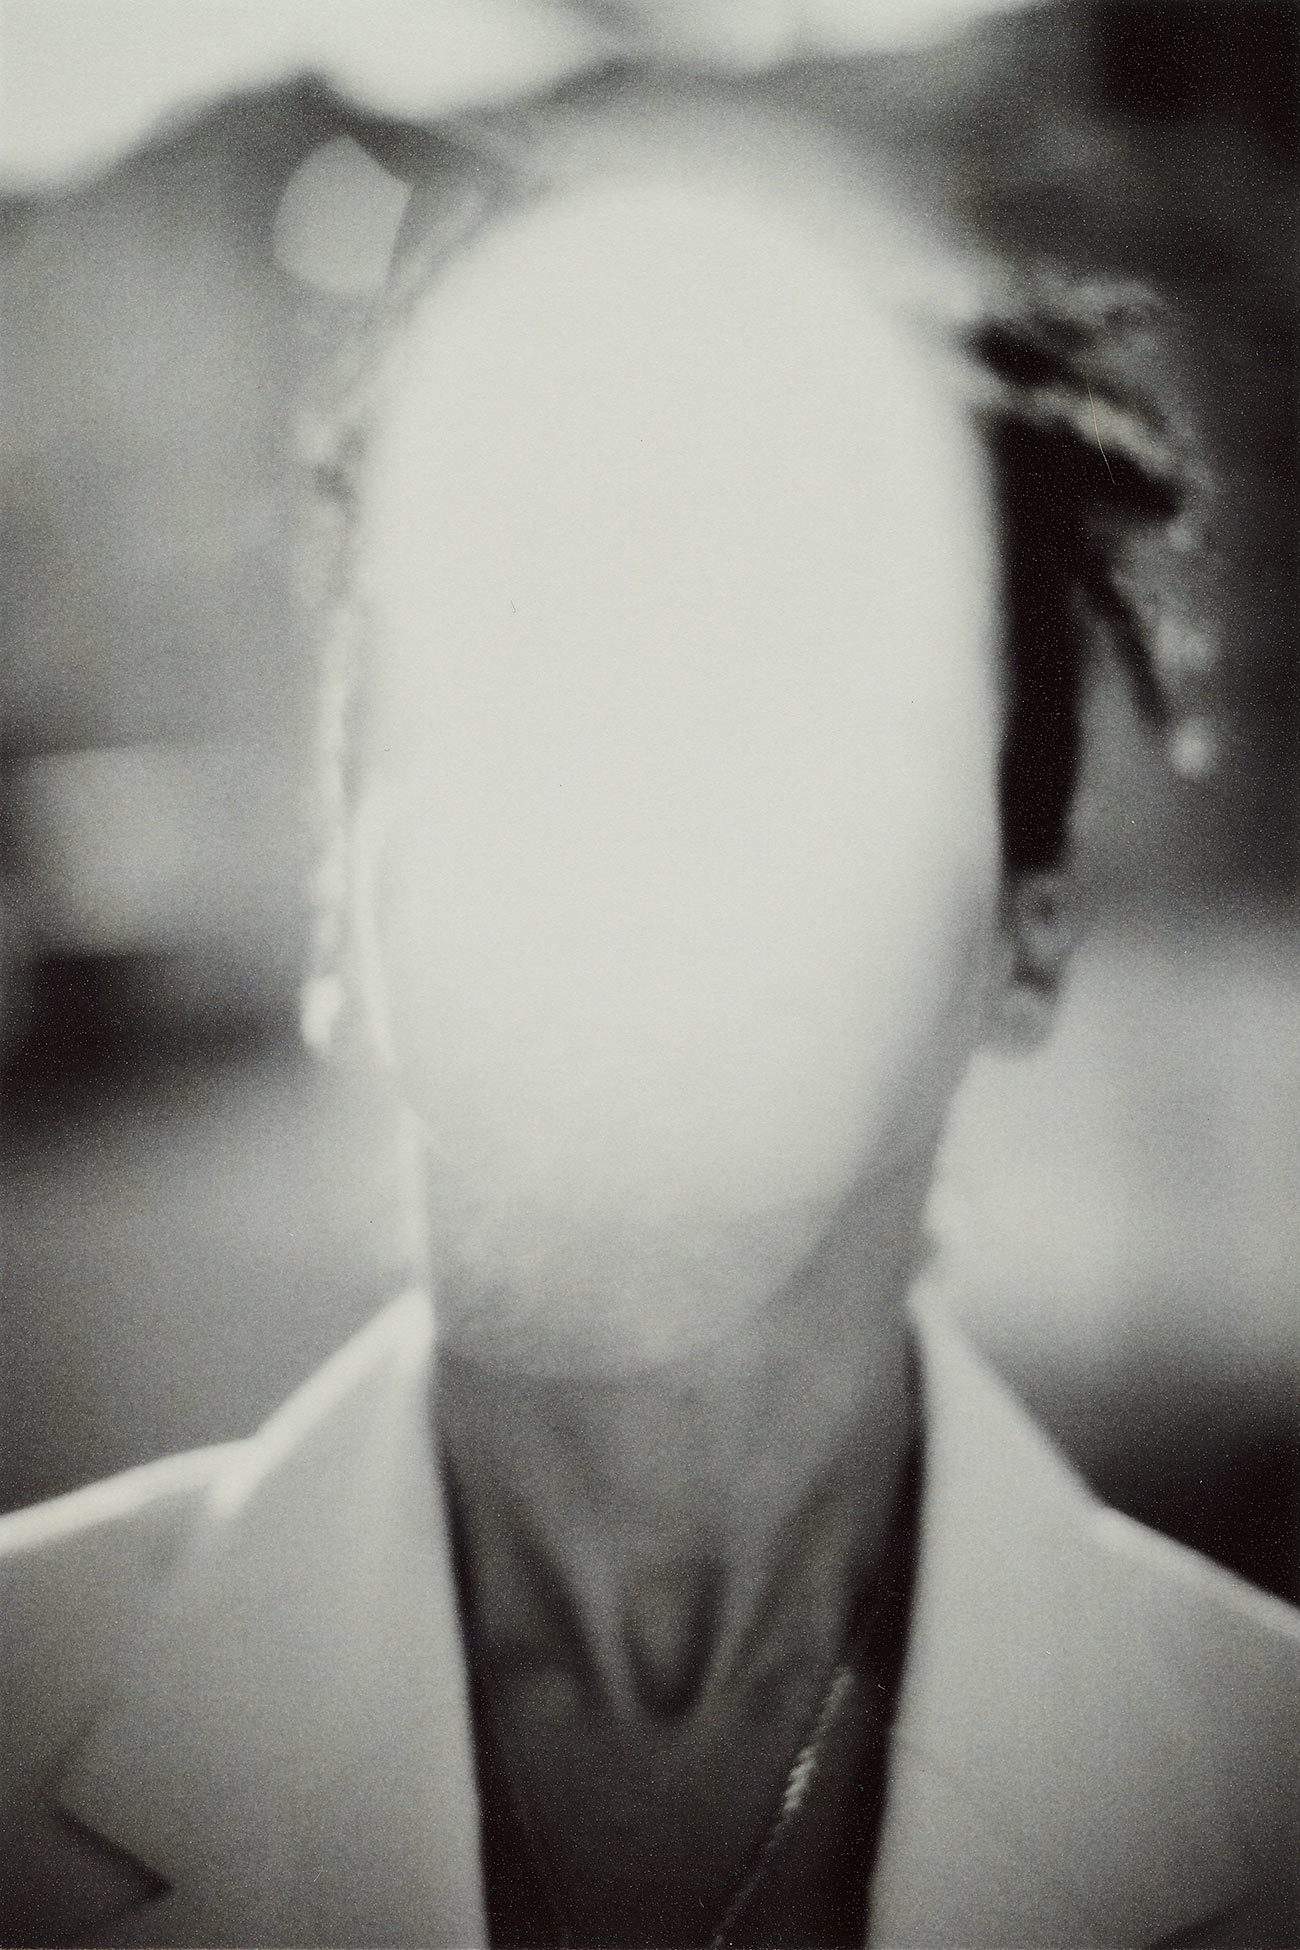 ashion 09 - <b>«У меня в душе незаживающая рана!»</b> Телеведущая Каролина Ашион о конфликте с министром Ткаченко и расизме в Украине - Заборона